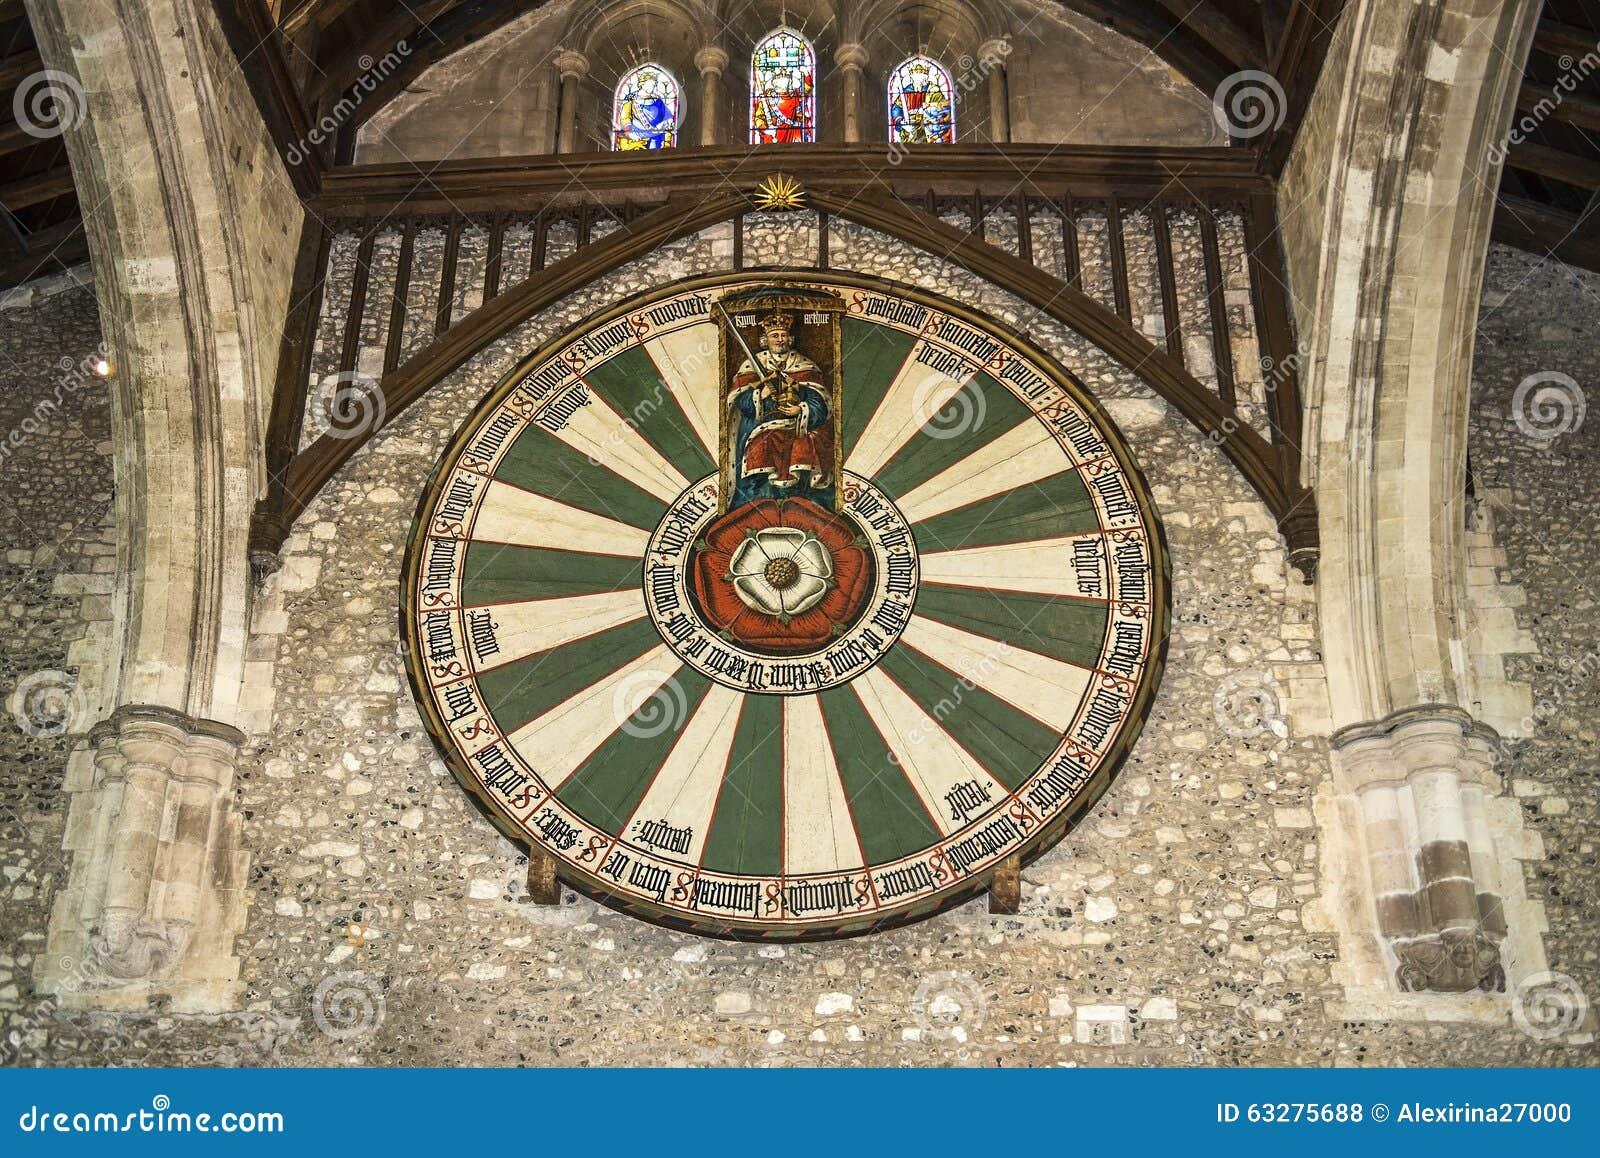 De Grote Zaal van het Kasteel van Winchester in Hampshire, Engeland